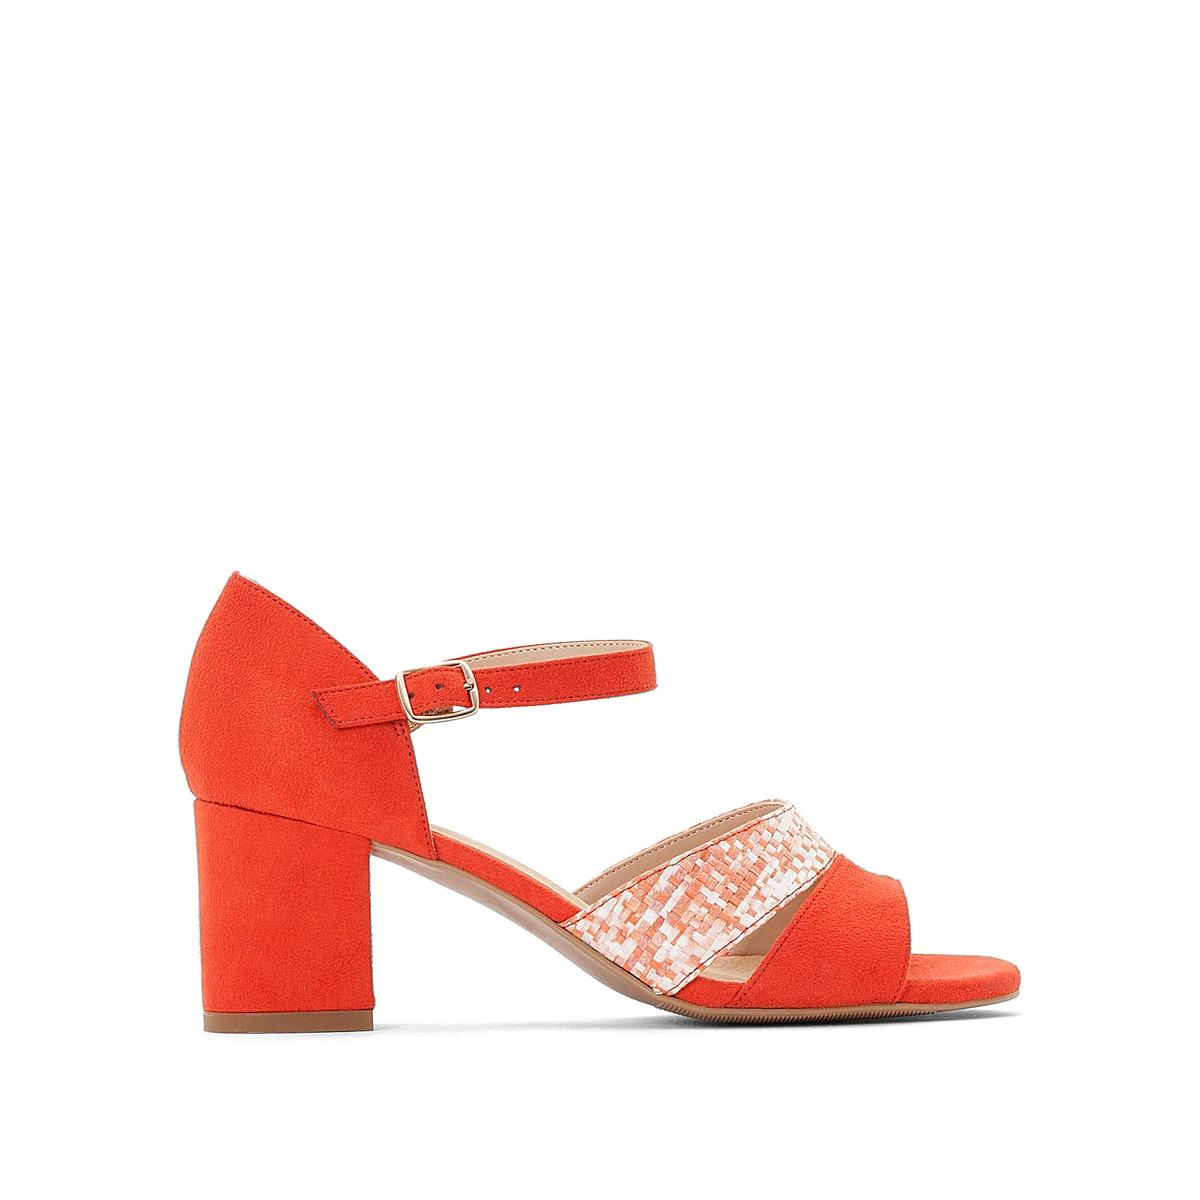 Босоножки La Redoute Кожаные на широком каблуке 36 красный босоножки кожаные bakio